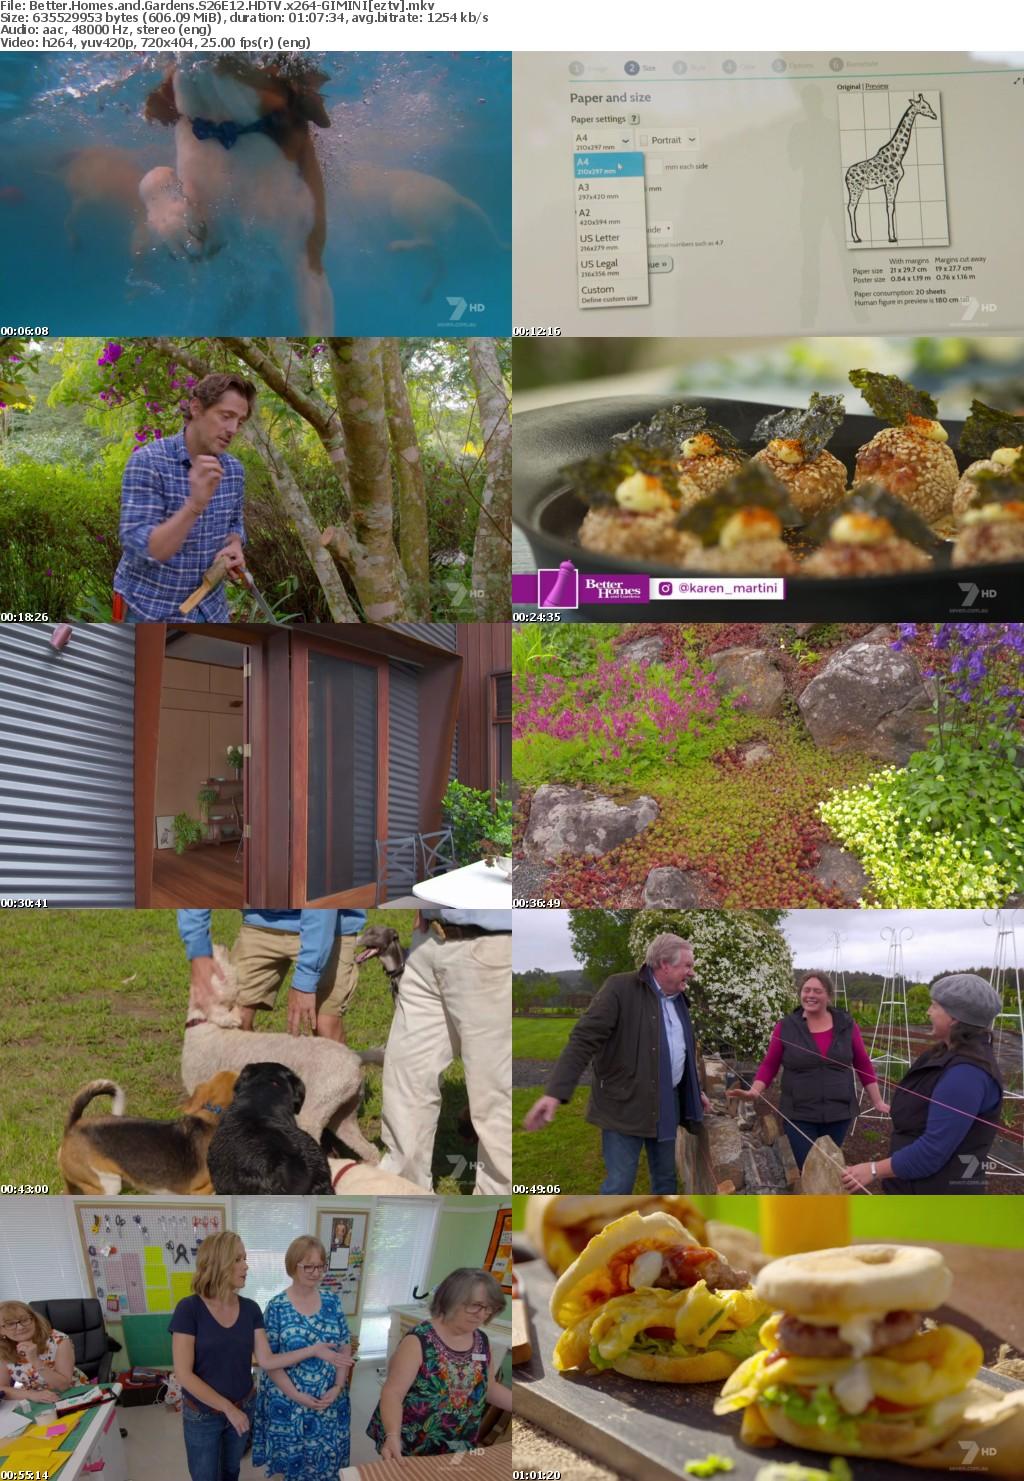 Better Homes and Gardens S26E12 HDTV x264-GIMINI